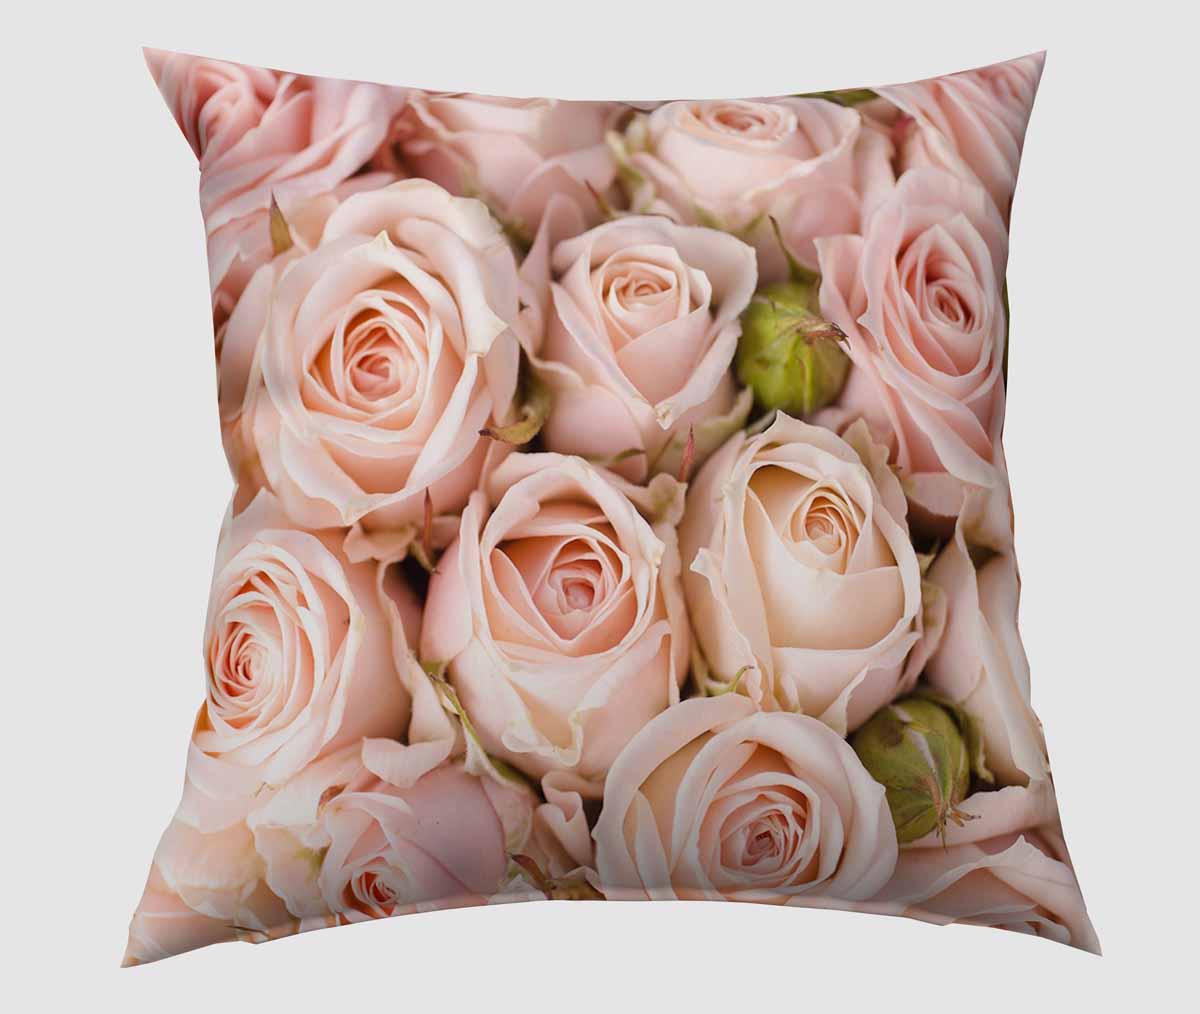 Подушка декоративная Сирень Молодые розы, 40 х 40 см1004900000360Декоративная подушка Сирень Молодые розы, изготовленная из габардина (100% полиэстер), прекрасно дополнит интерьер спальни или гостиной. Подушка оформлена красочным изображением. Внутри - мягкий наполнитель из холлофайбера (100% полиэстер). Красивая подушка создаст атмосферу тепла и уюта в спальне и станет прекрасным элементом декора.